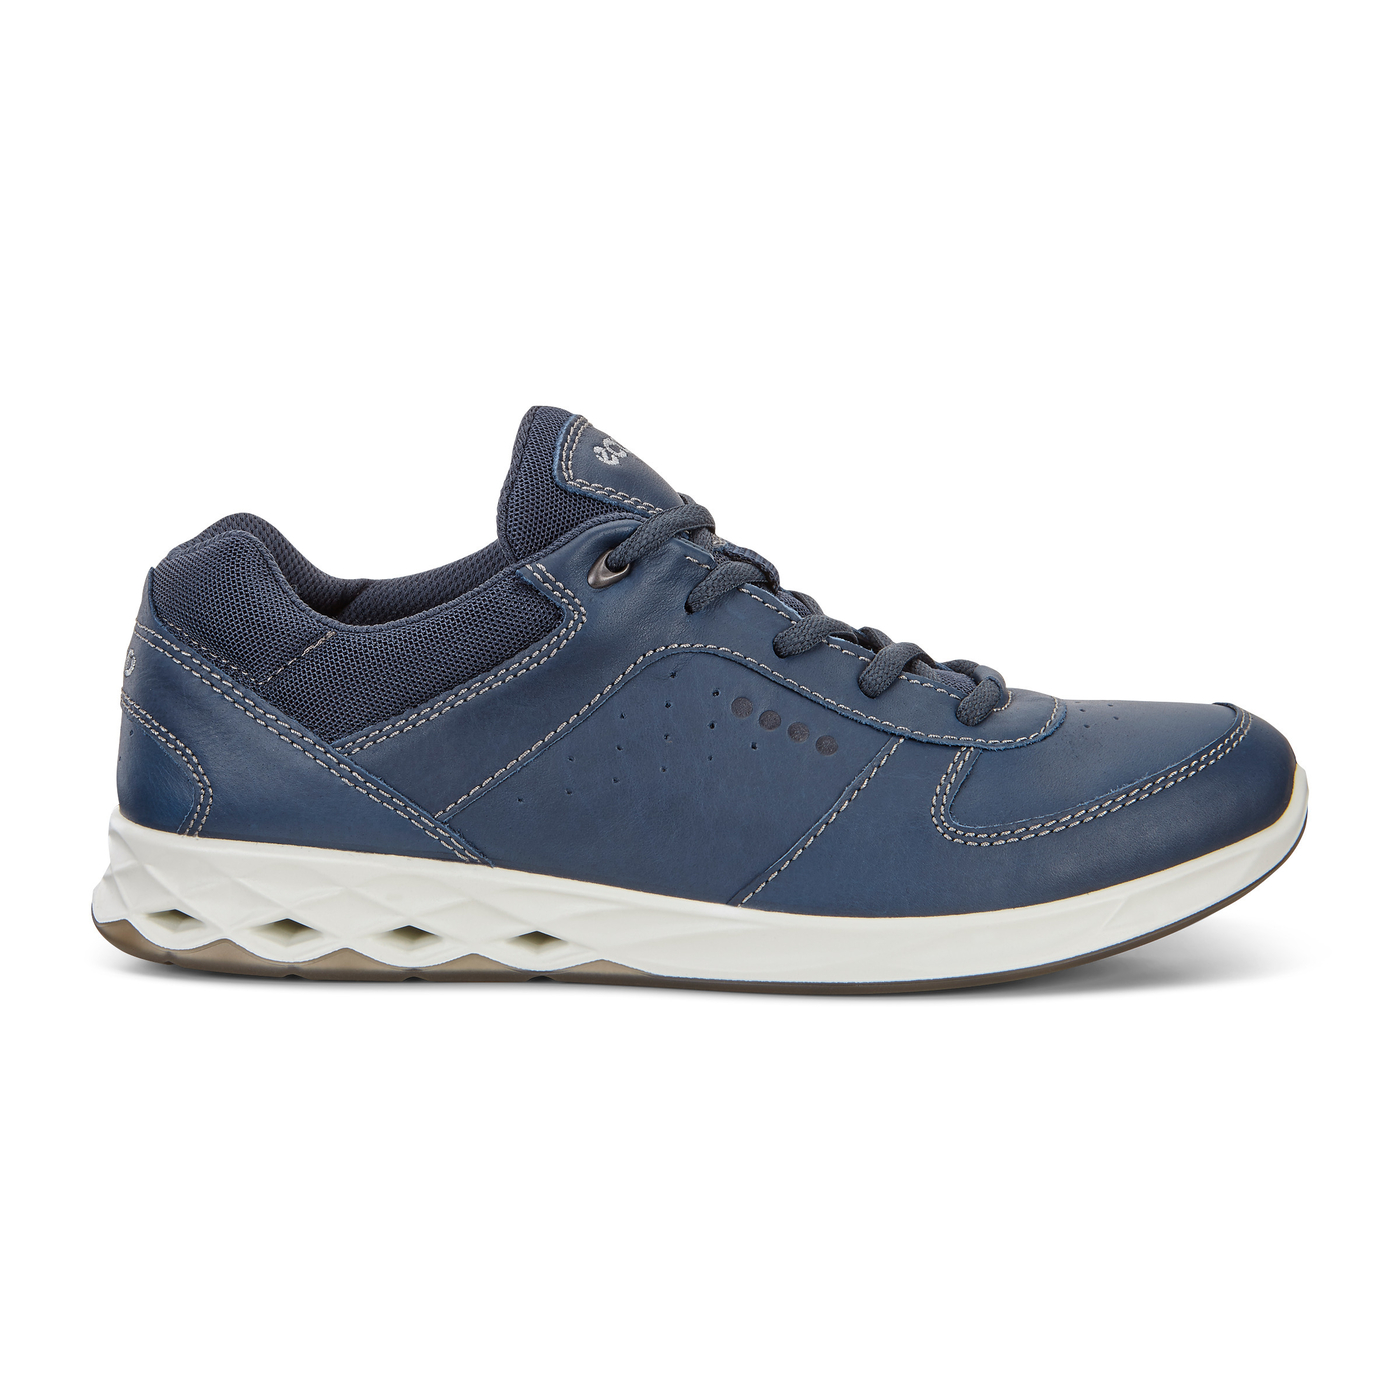 ECCO WAYFLY M Outdoor Shoe